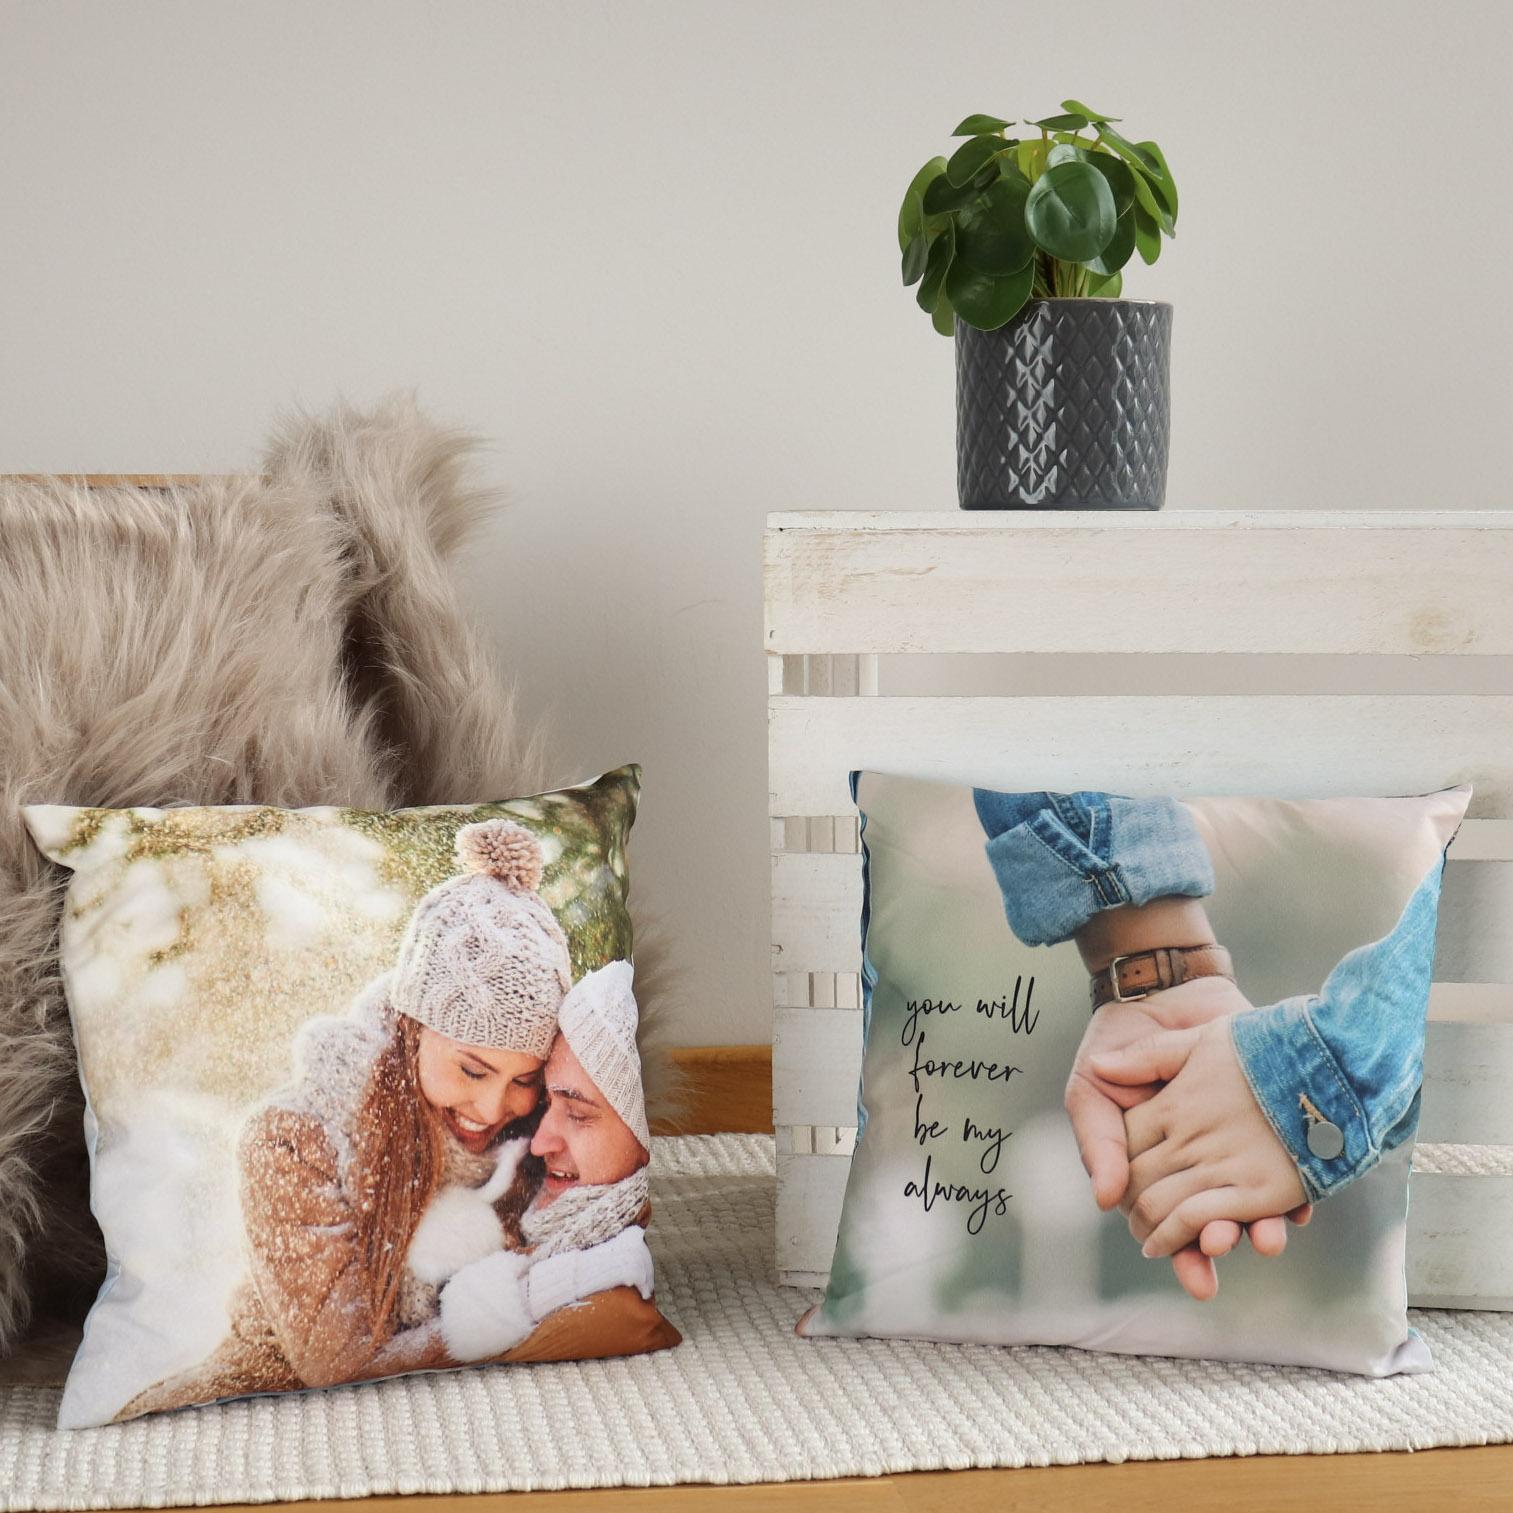 Lievitä ikävää kuvamuistoin koristelluilla pehmeillä paketeilla